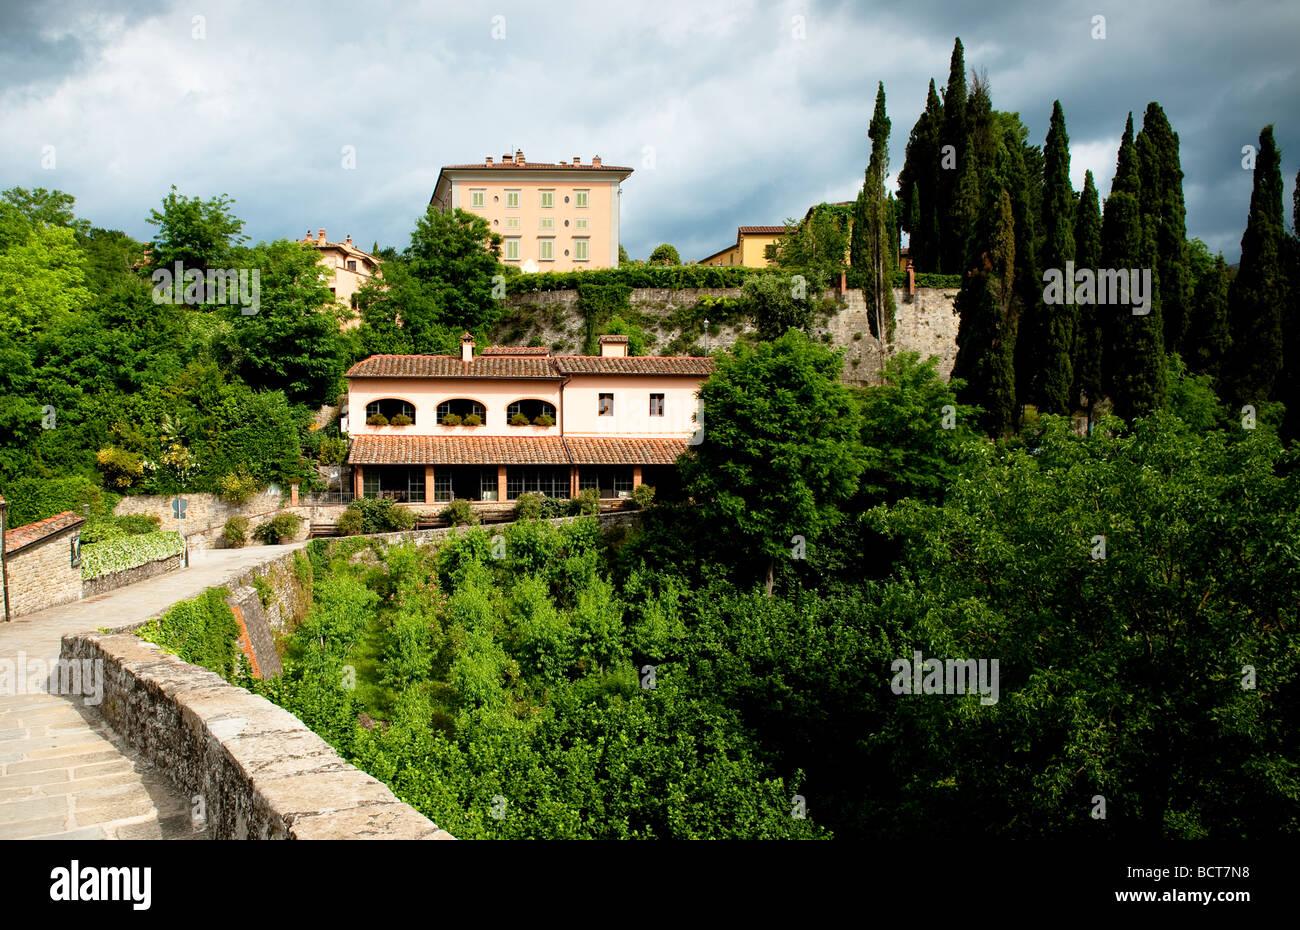 Il Borro, Ferragamo Estate, Chianti, Tuscany, Italy - Stock Image